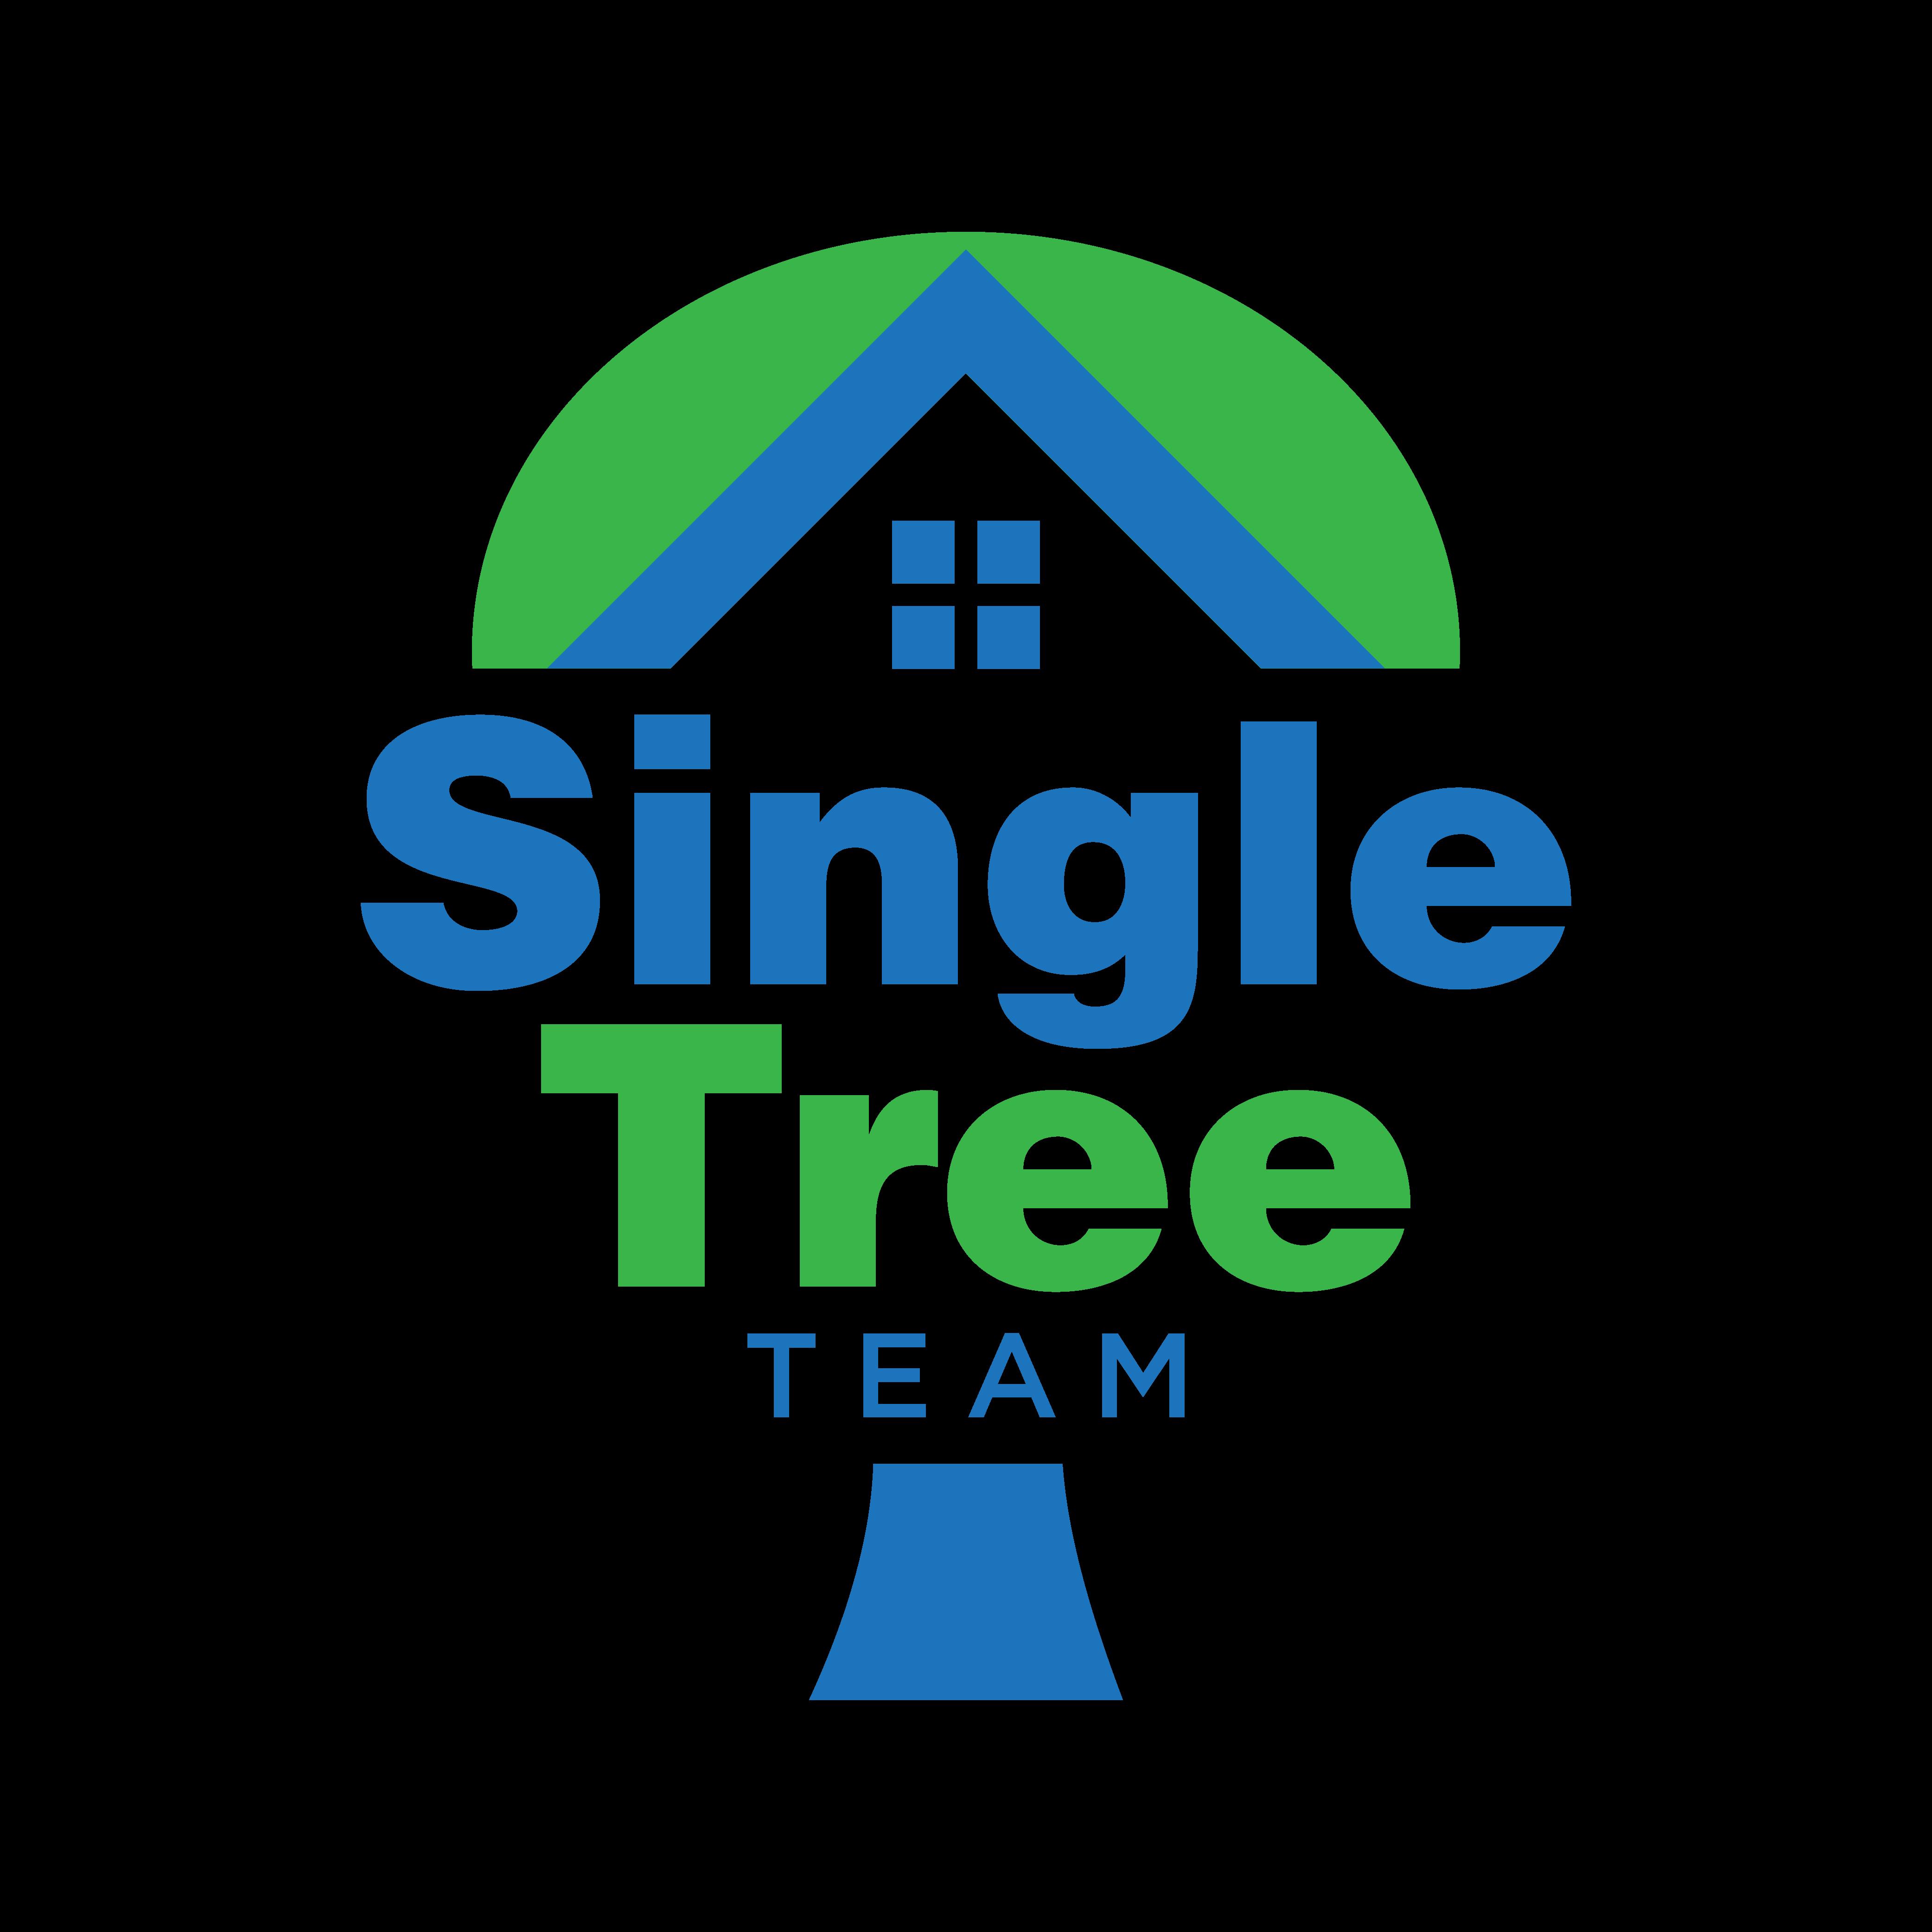 Single Tree Team - Illinois and Missouri Real Estate Professionals